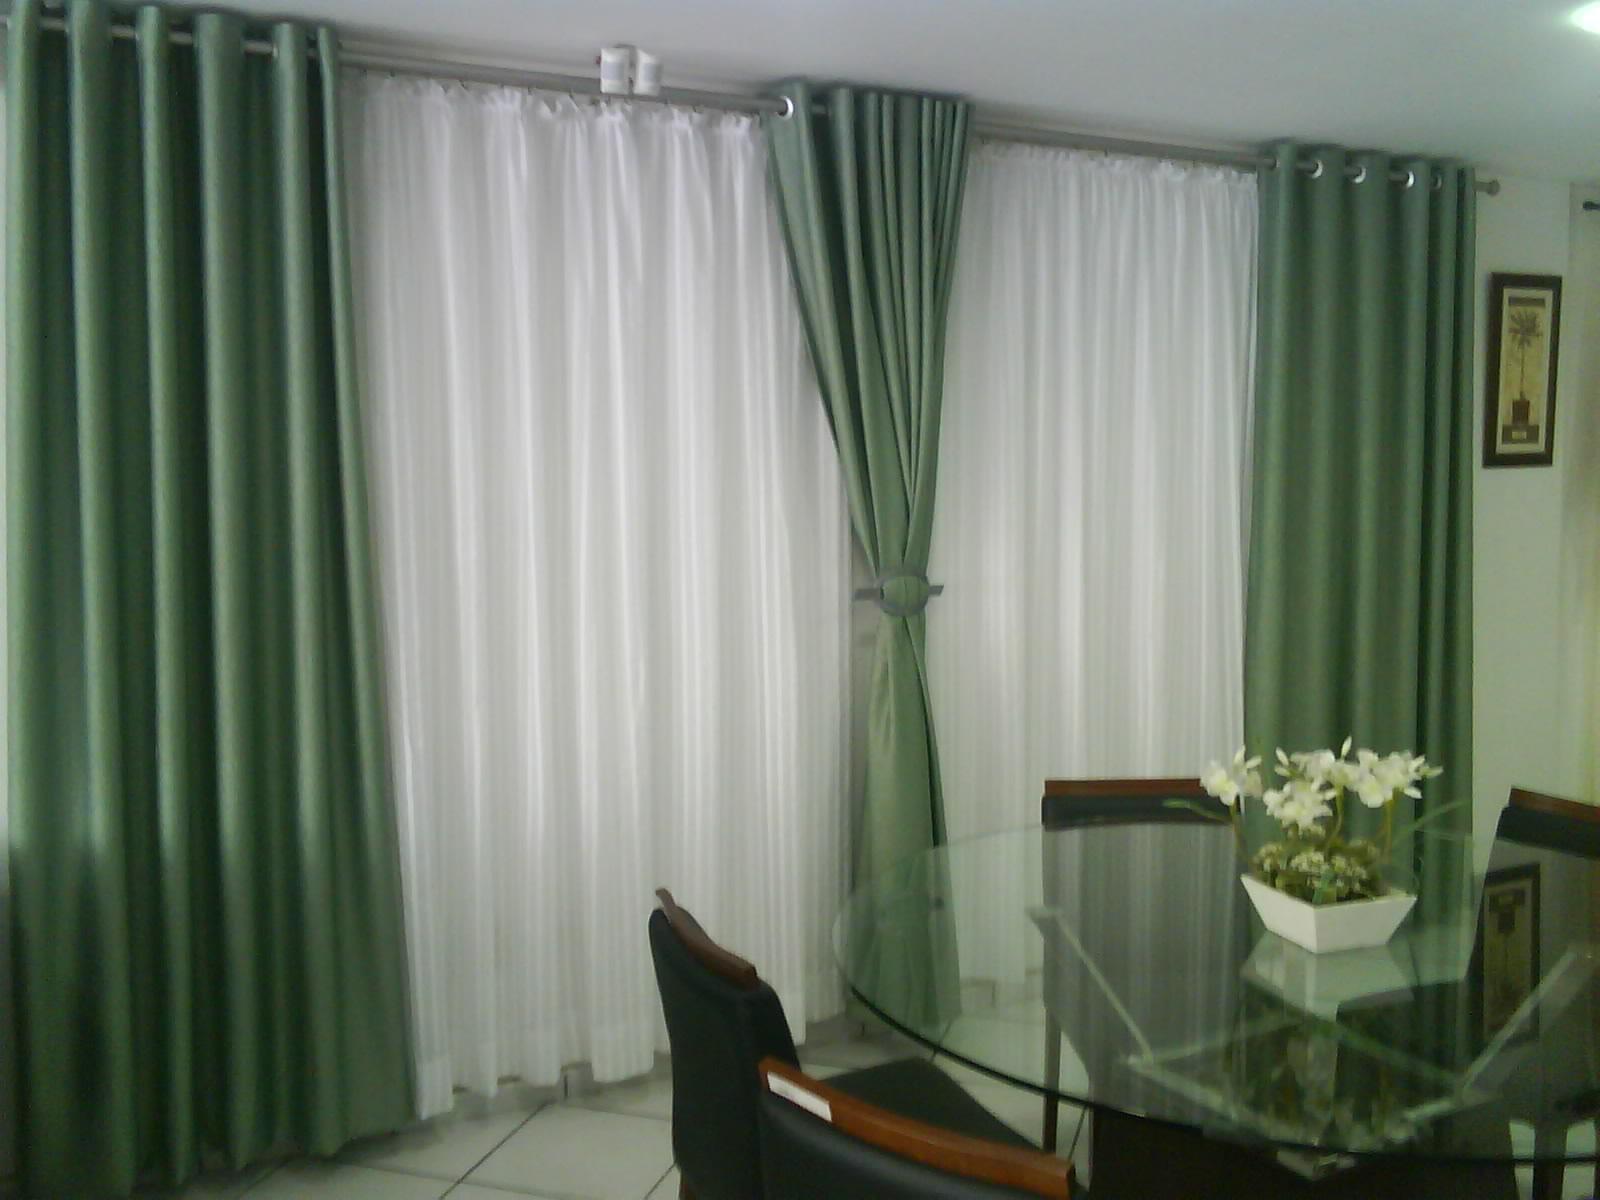 Cortina para quarto verde claro obtenha uma for Cortina verde agua